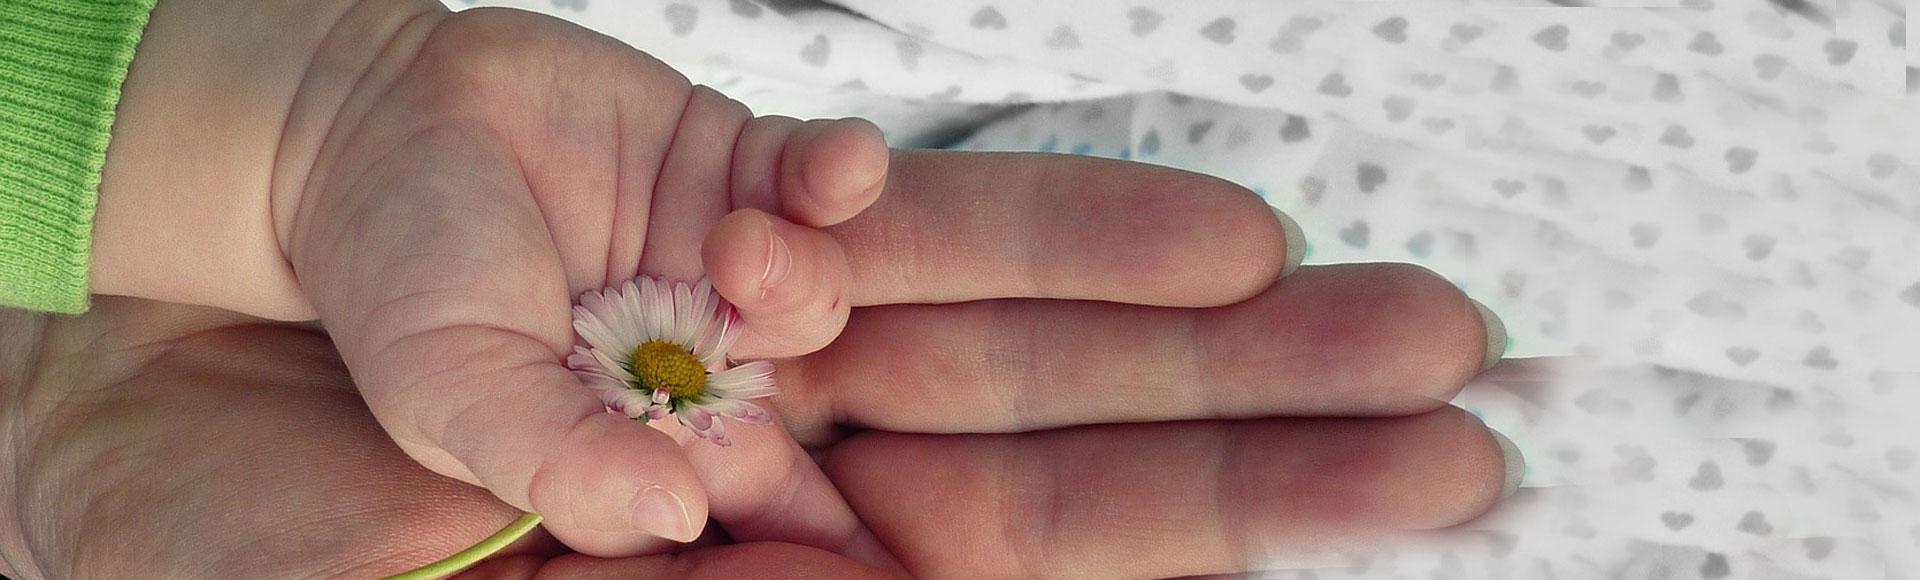 Mütter halten die Hände für eine Weile.Ihre Herzen jedoch für immer.